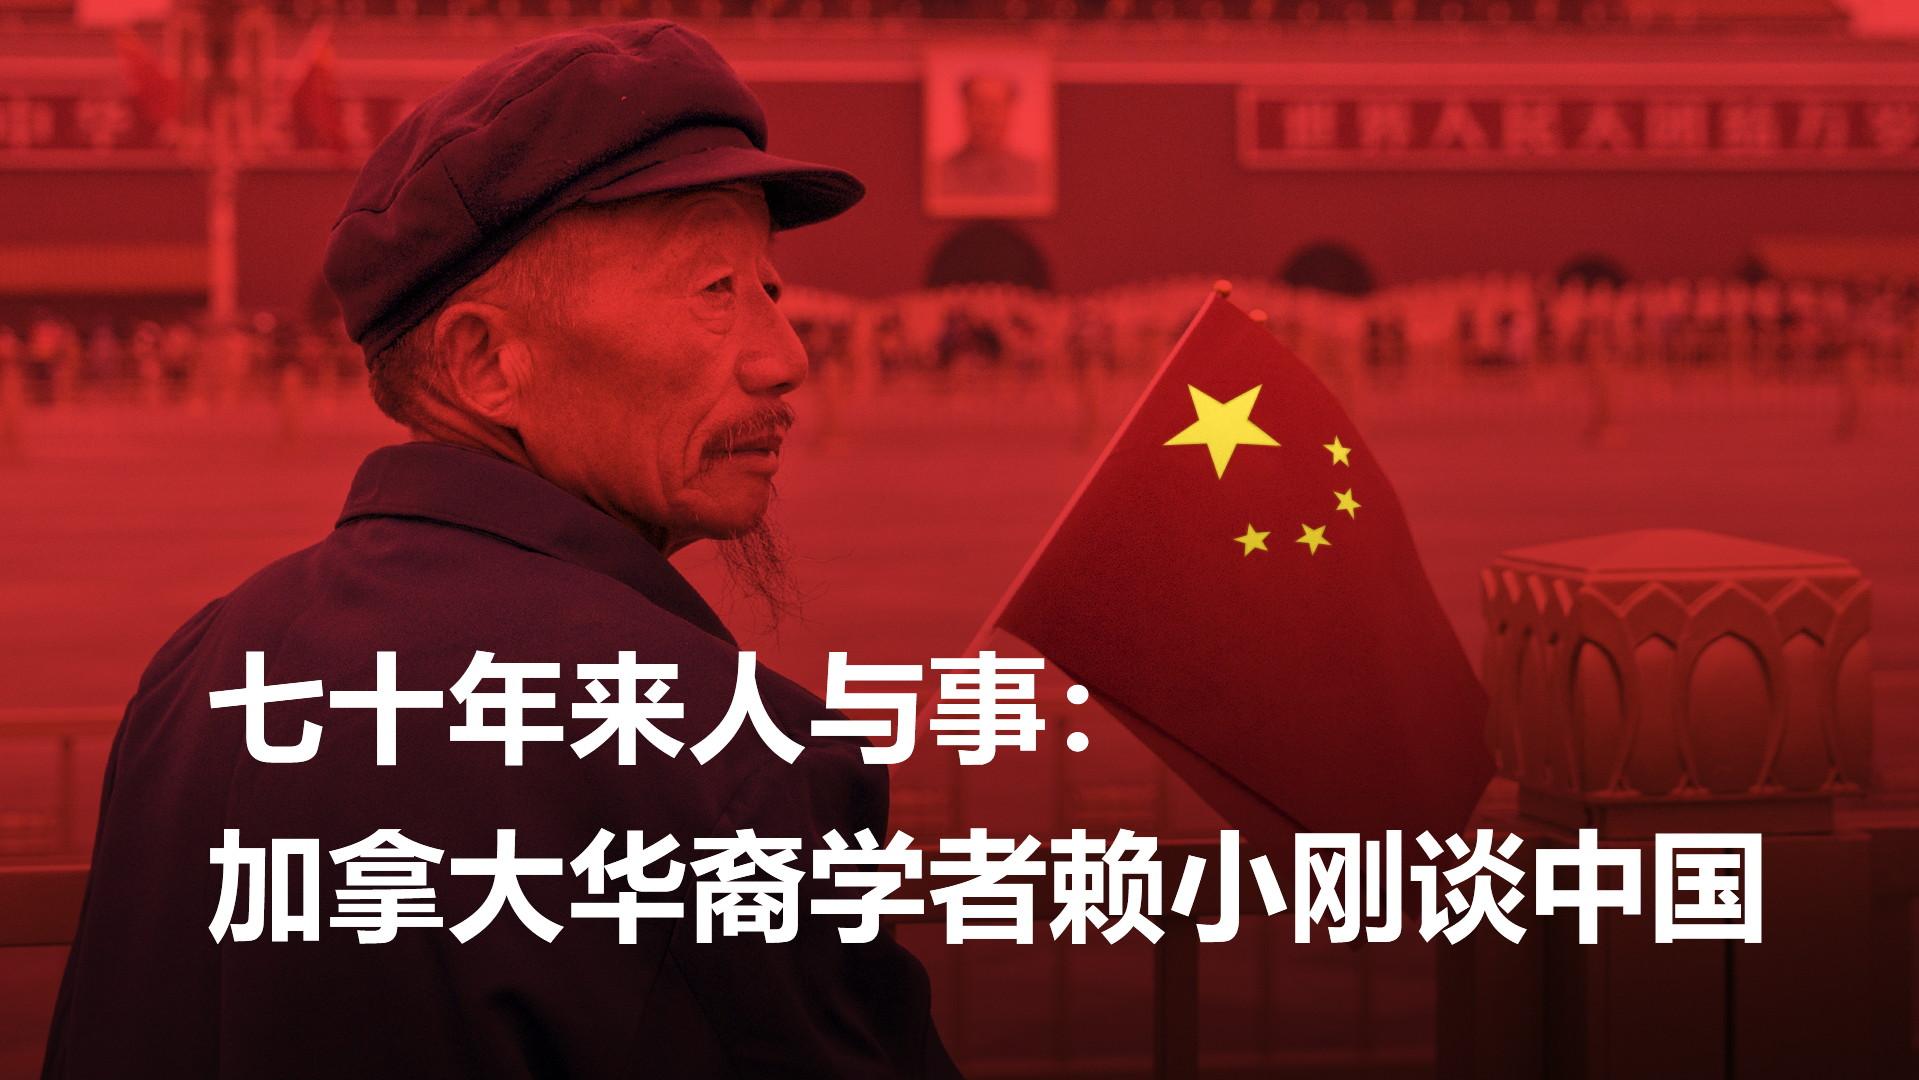 """النص """"七 十年 来人 与 事 : 加拿大 华裔 学者 赖小刚 谈 中国"""" باللون الأبيض مع شخص يحمل العلم الصيني كخلفية حمراء"""